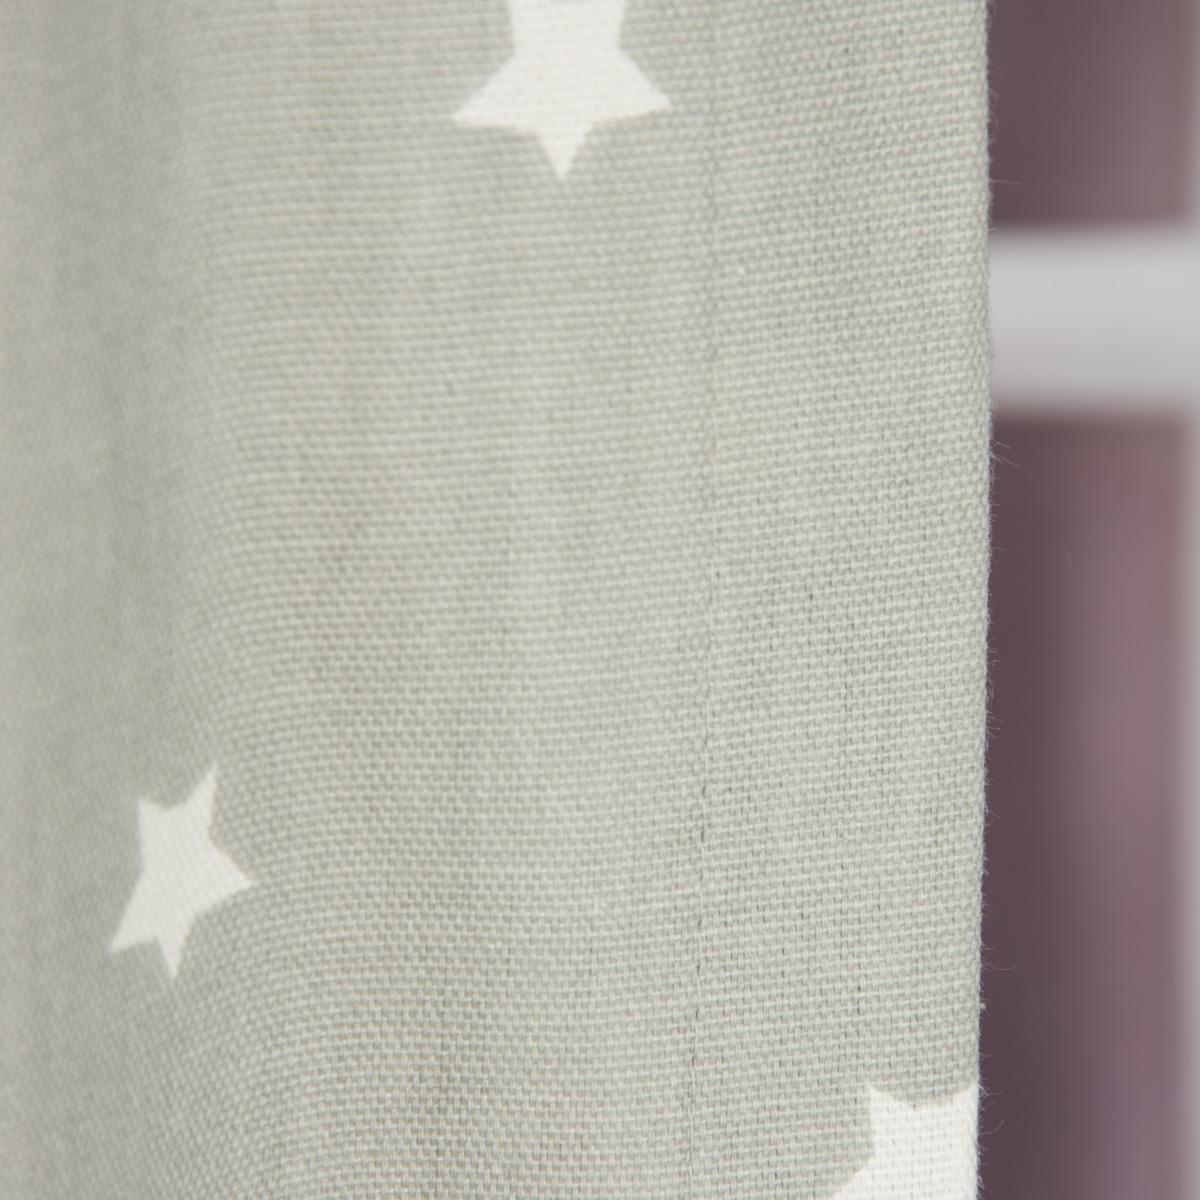 senschal twinkle sterne grau 245cm oder wunschl nge fertiggardinen senschals. Black Bedroom Furniture Sets. Home Design Ideas